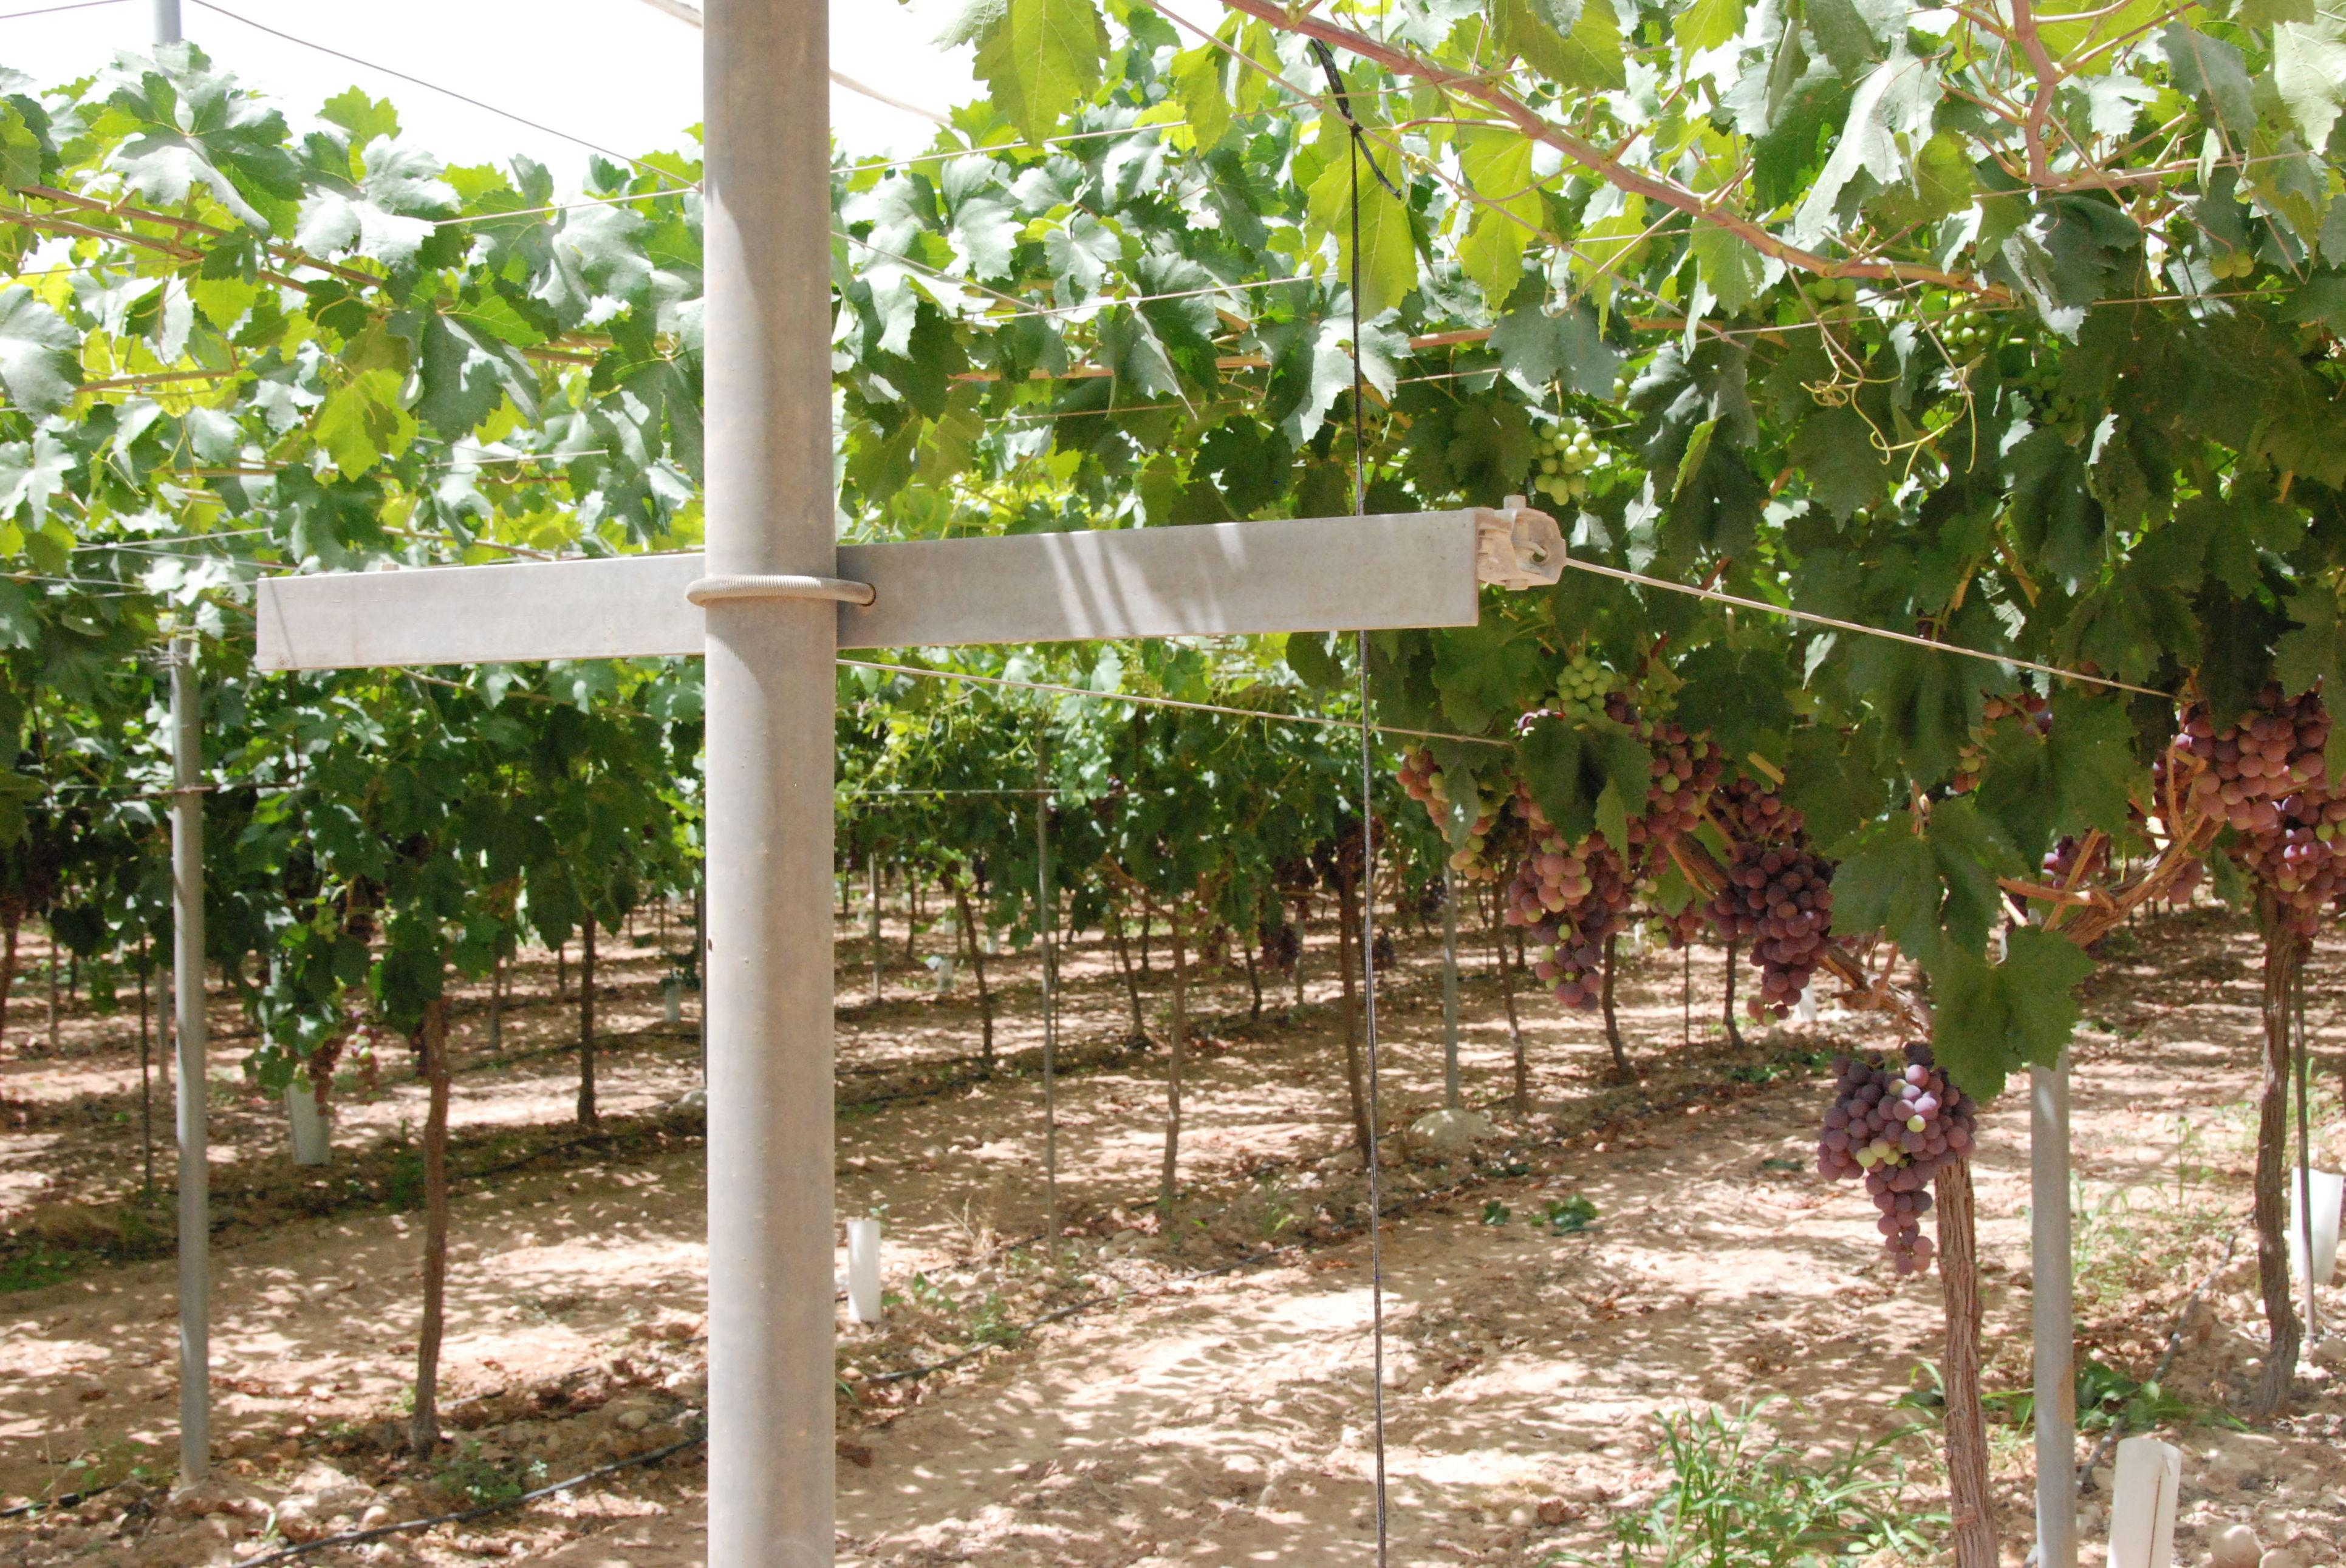 Foto 107 de Infraestructuras y trabajos agrícolas en La Murada – Orihuela | Mantenimiento y Estructuras Agrícolas Mateo e Hijo, S.L.